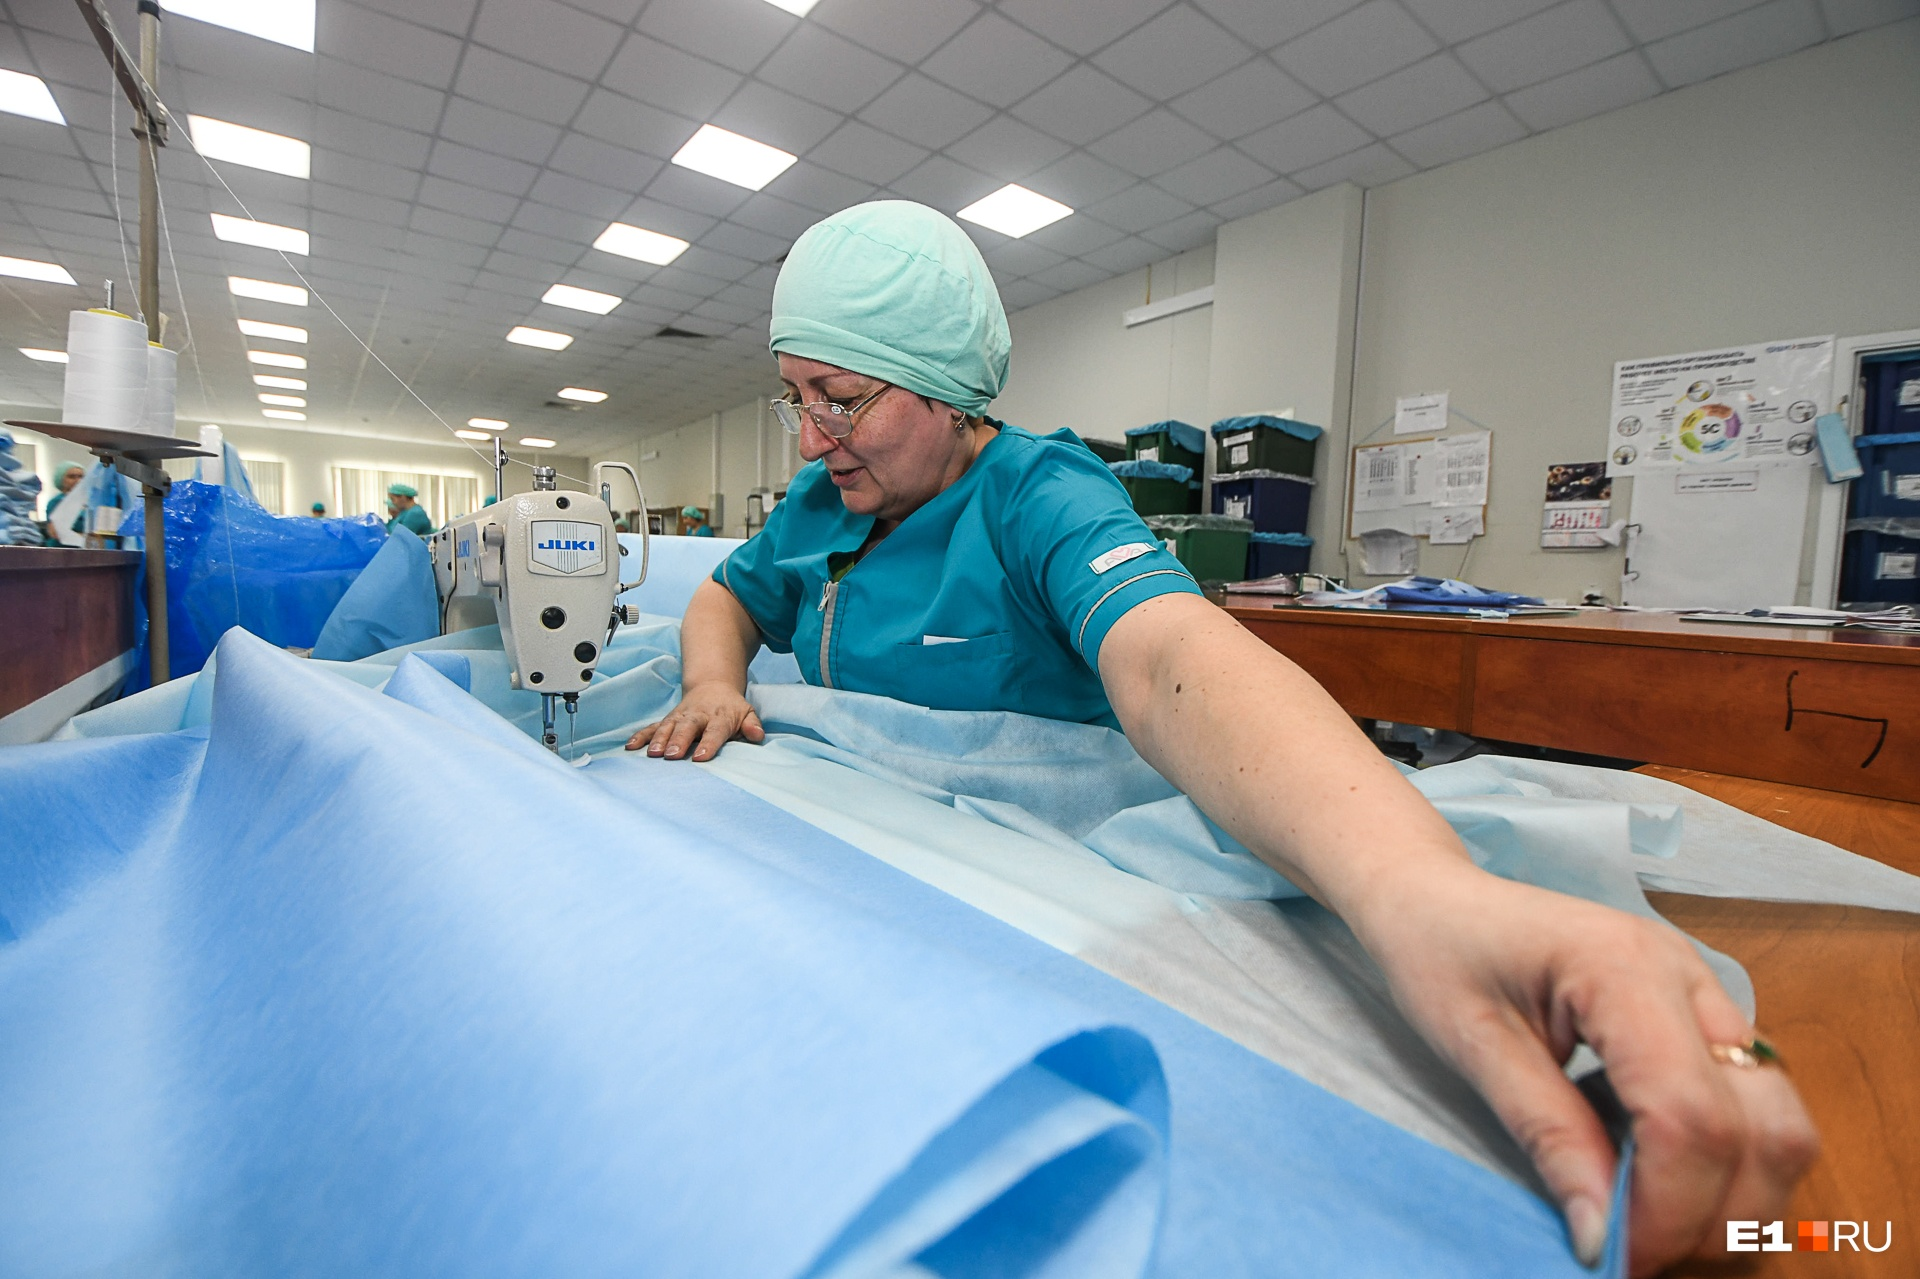 Здесь среди прочего делают защитные костюмы для врачей-инфекционистов